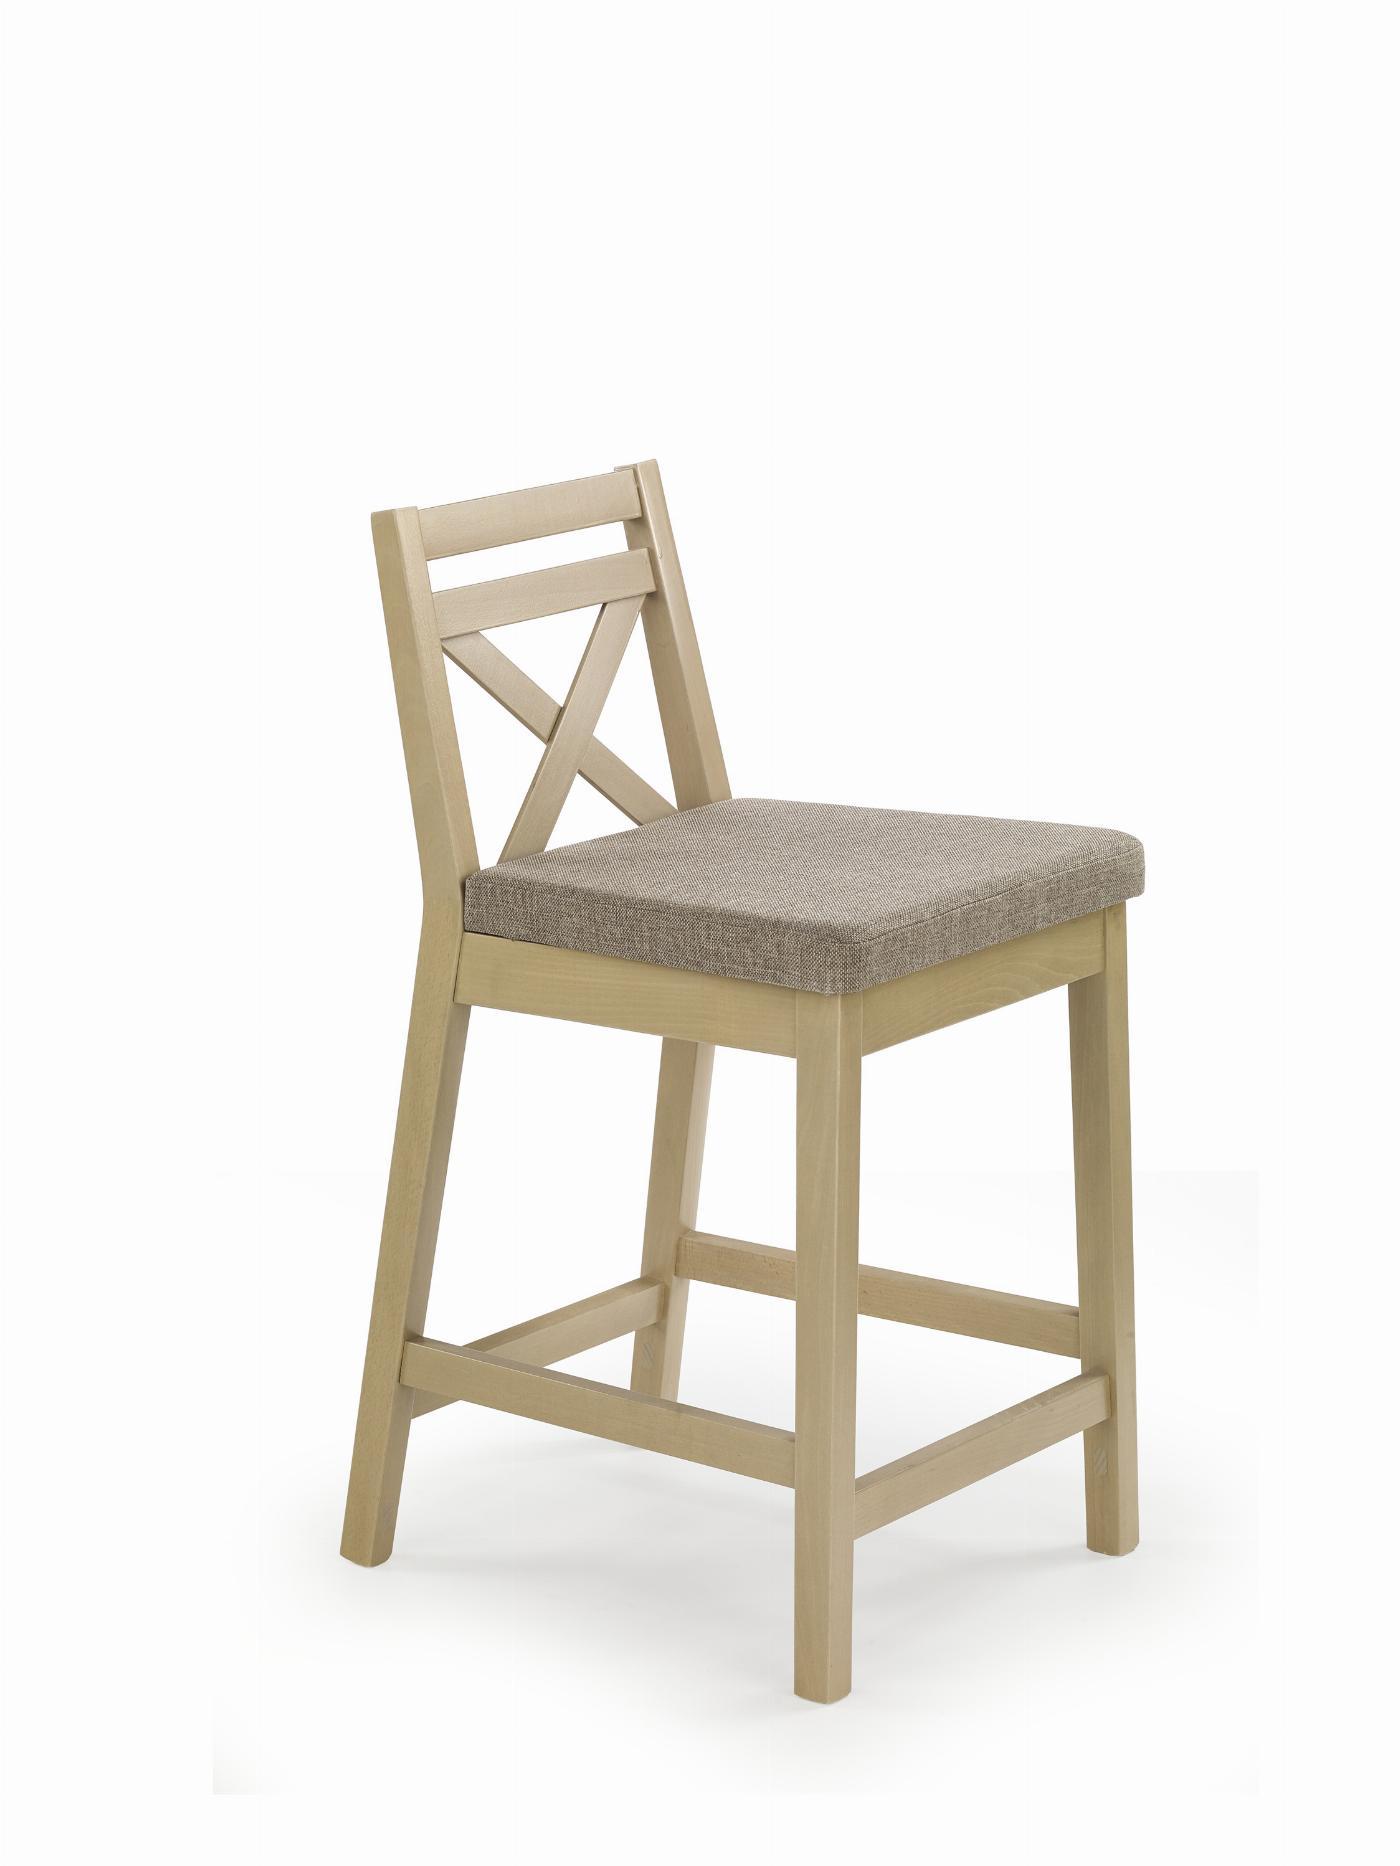 BORYS LOW krzesło barowe niskie dąb sonoma / tap. Inari 23 (1p=1szt)